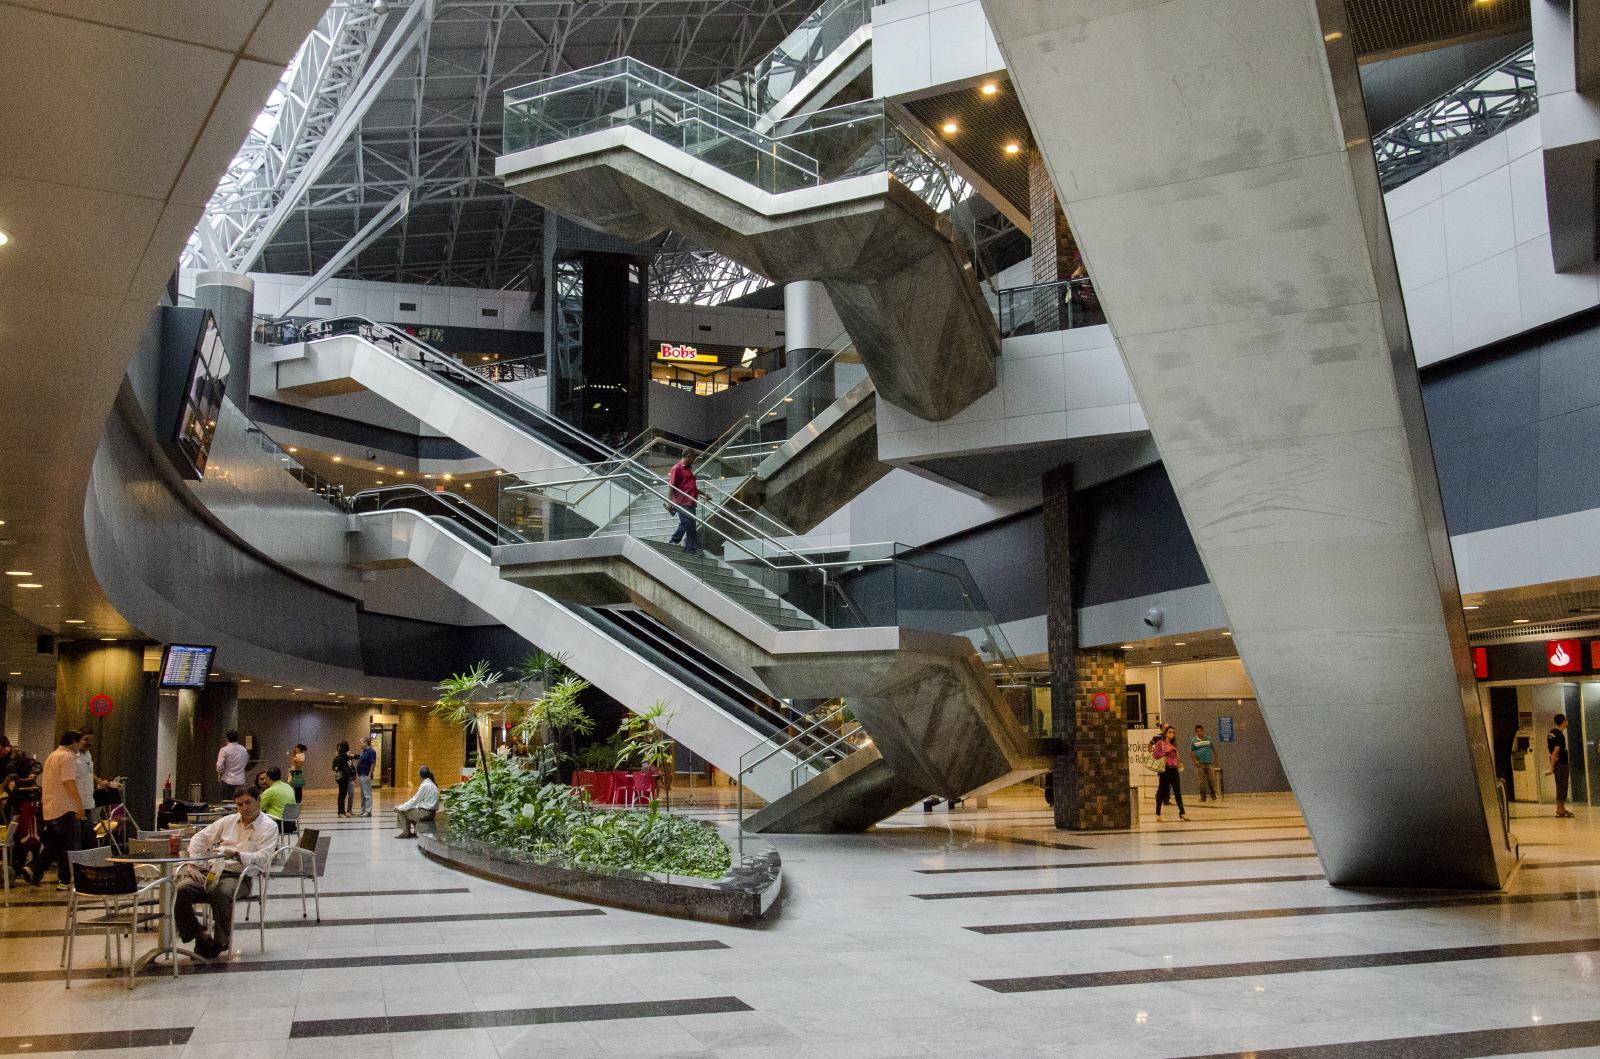 Aeroporto Do : A boa estrutura dos aeroportos no egito g damas